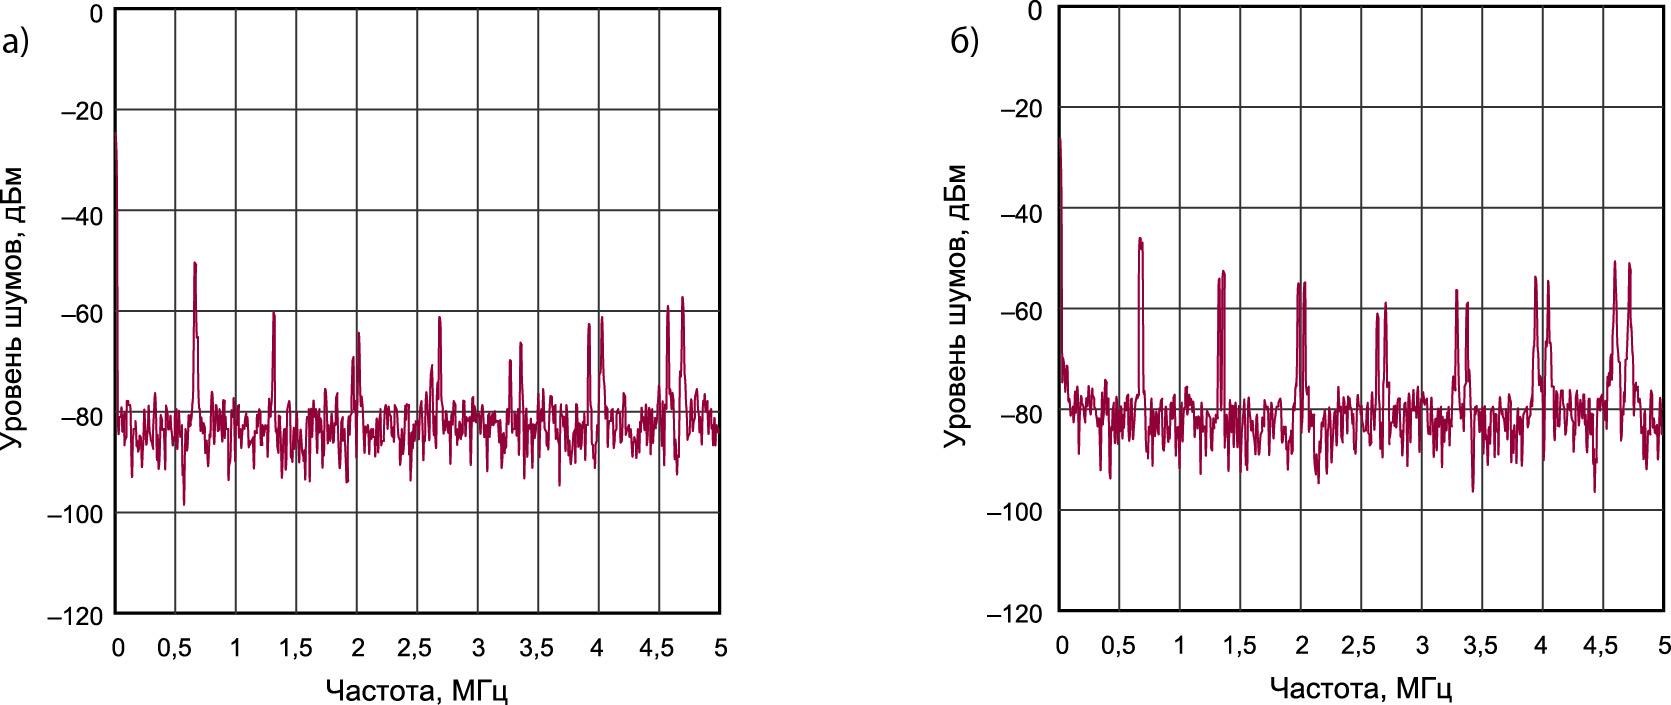 Спектр шумов двух преобразователей типа LTM8058 с выходным напряжением 10 В при токе нагрузки 100 мА в варианте включения